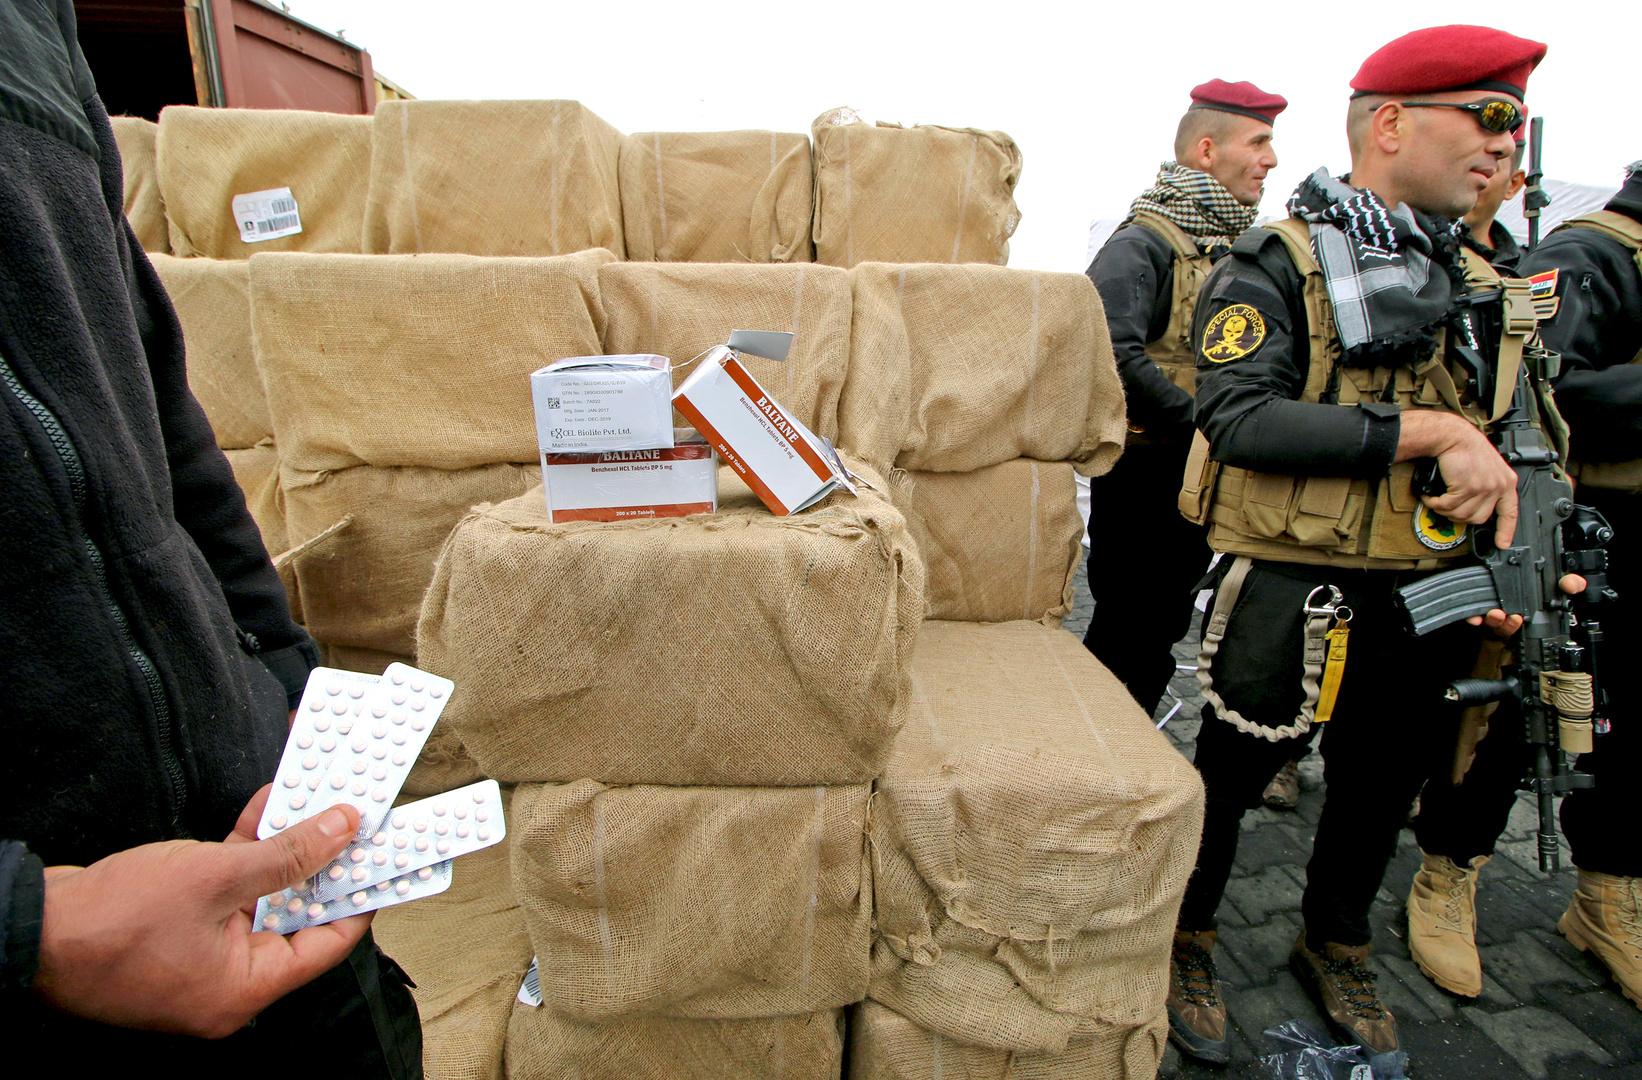 مع حظر التجوال.. المتاجرة بالمخدرات ترتفع في مدينة السُليمانية العراقية